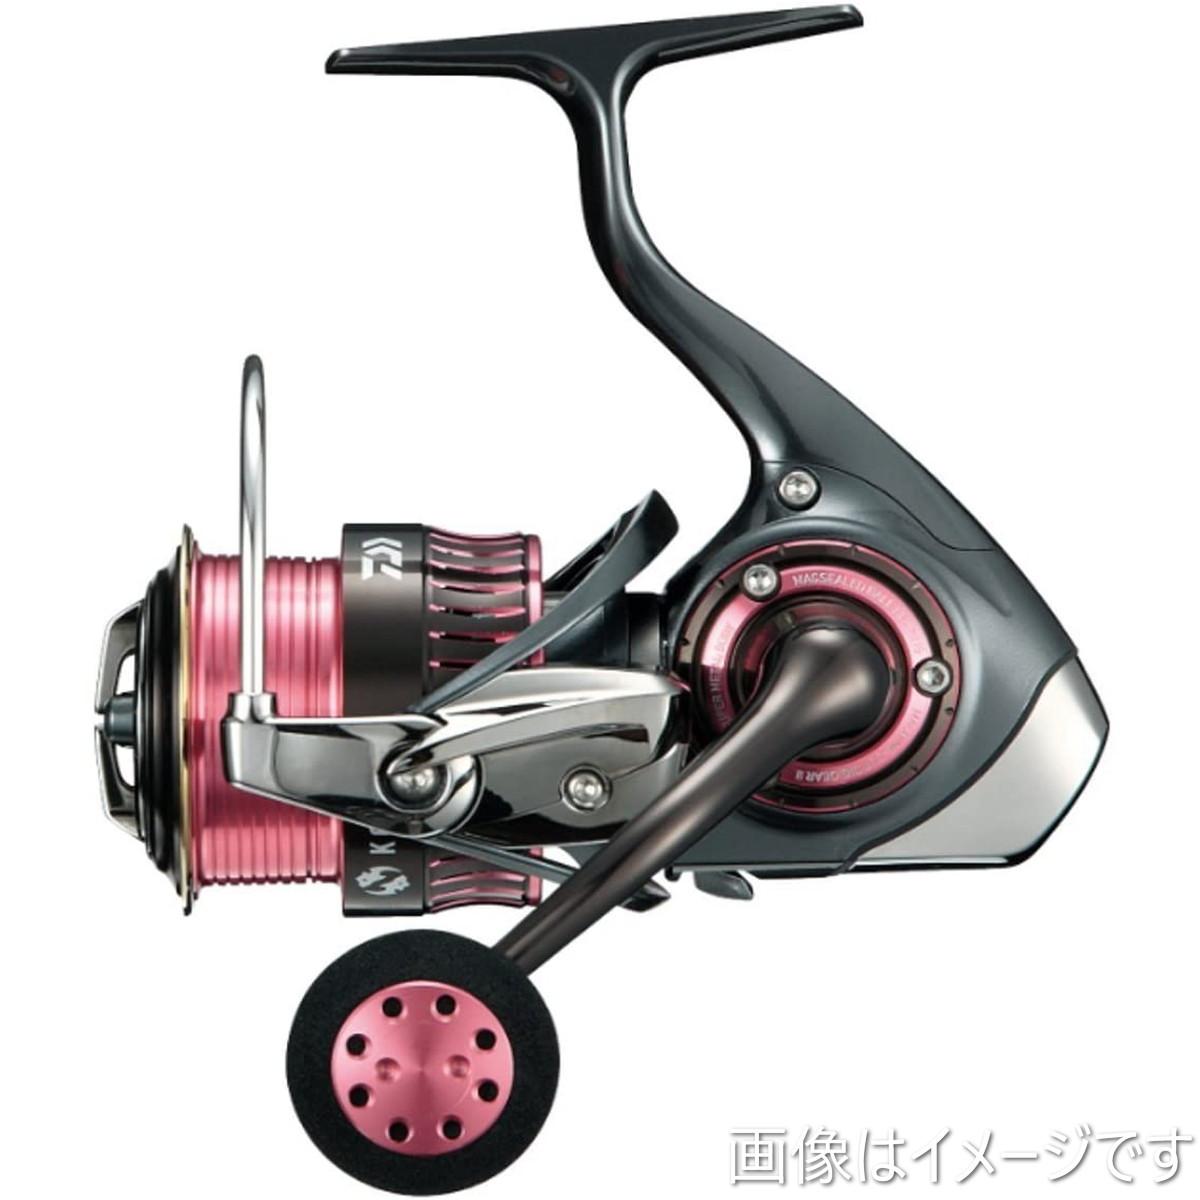 ダイワ(Daiwa) タイラバ スピニングリール 紅牙EX 2510RPE (2500サイズ)